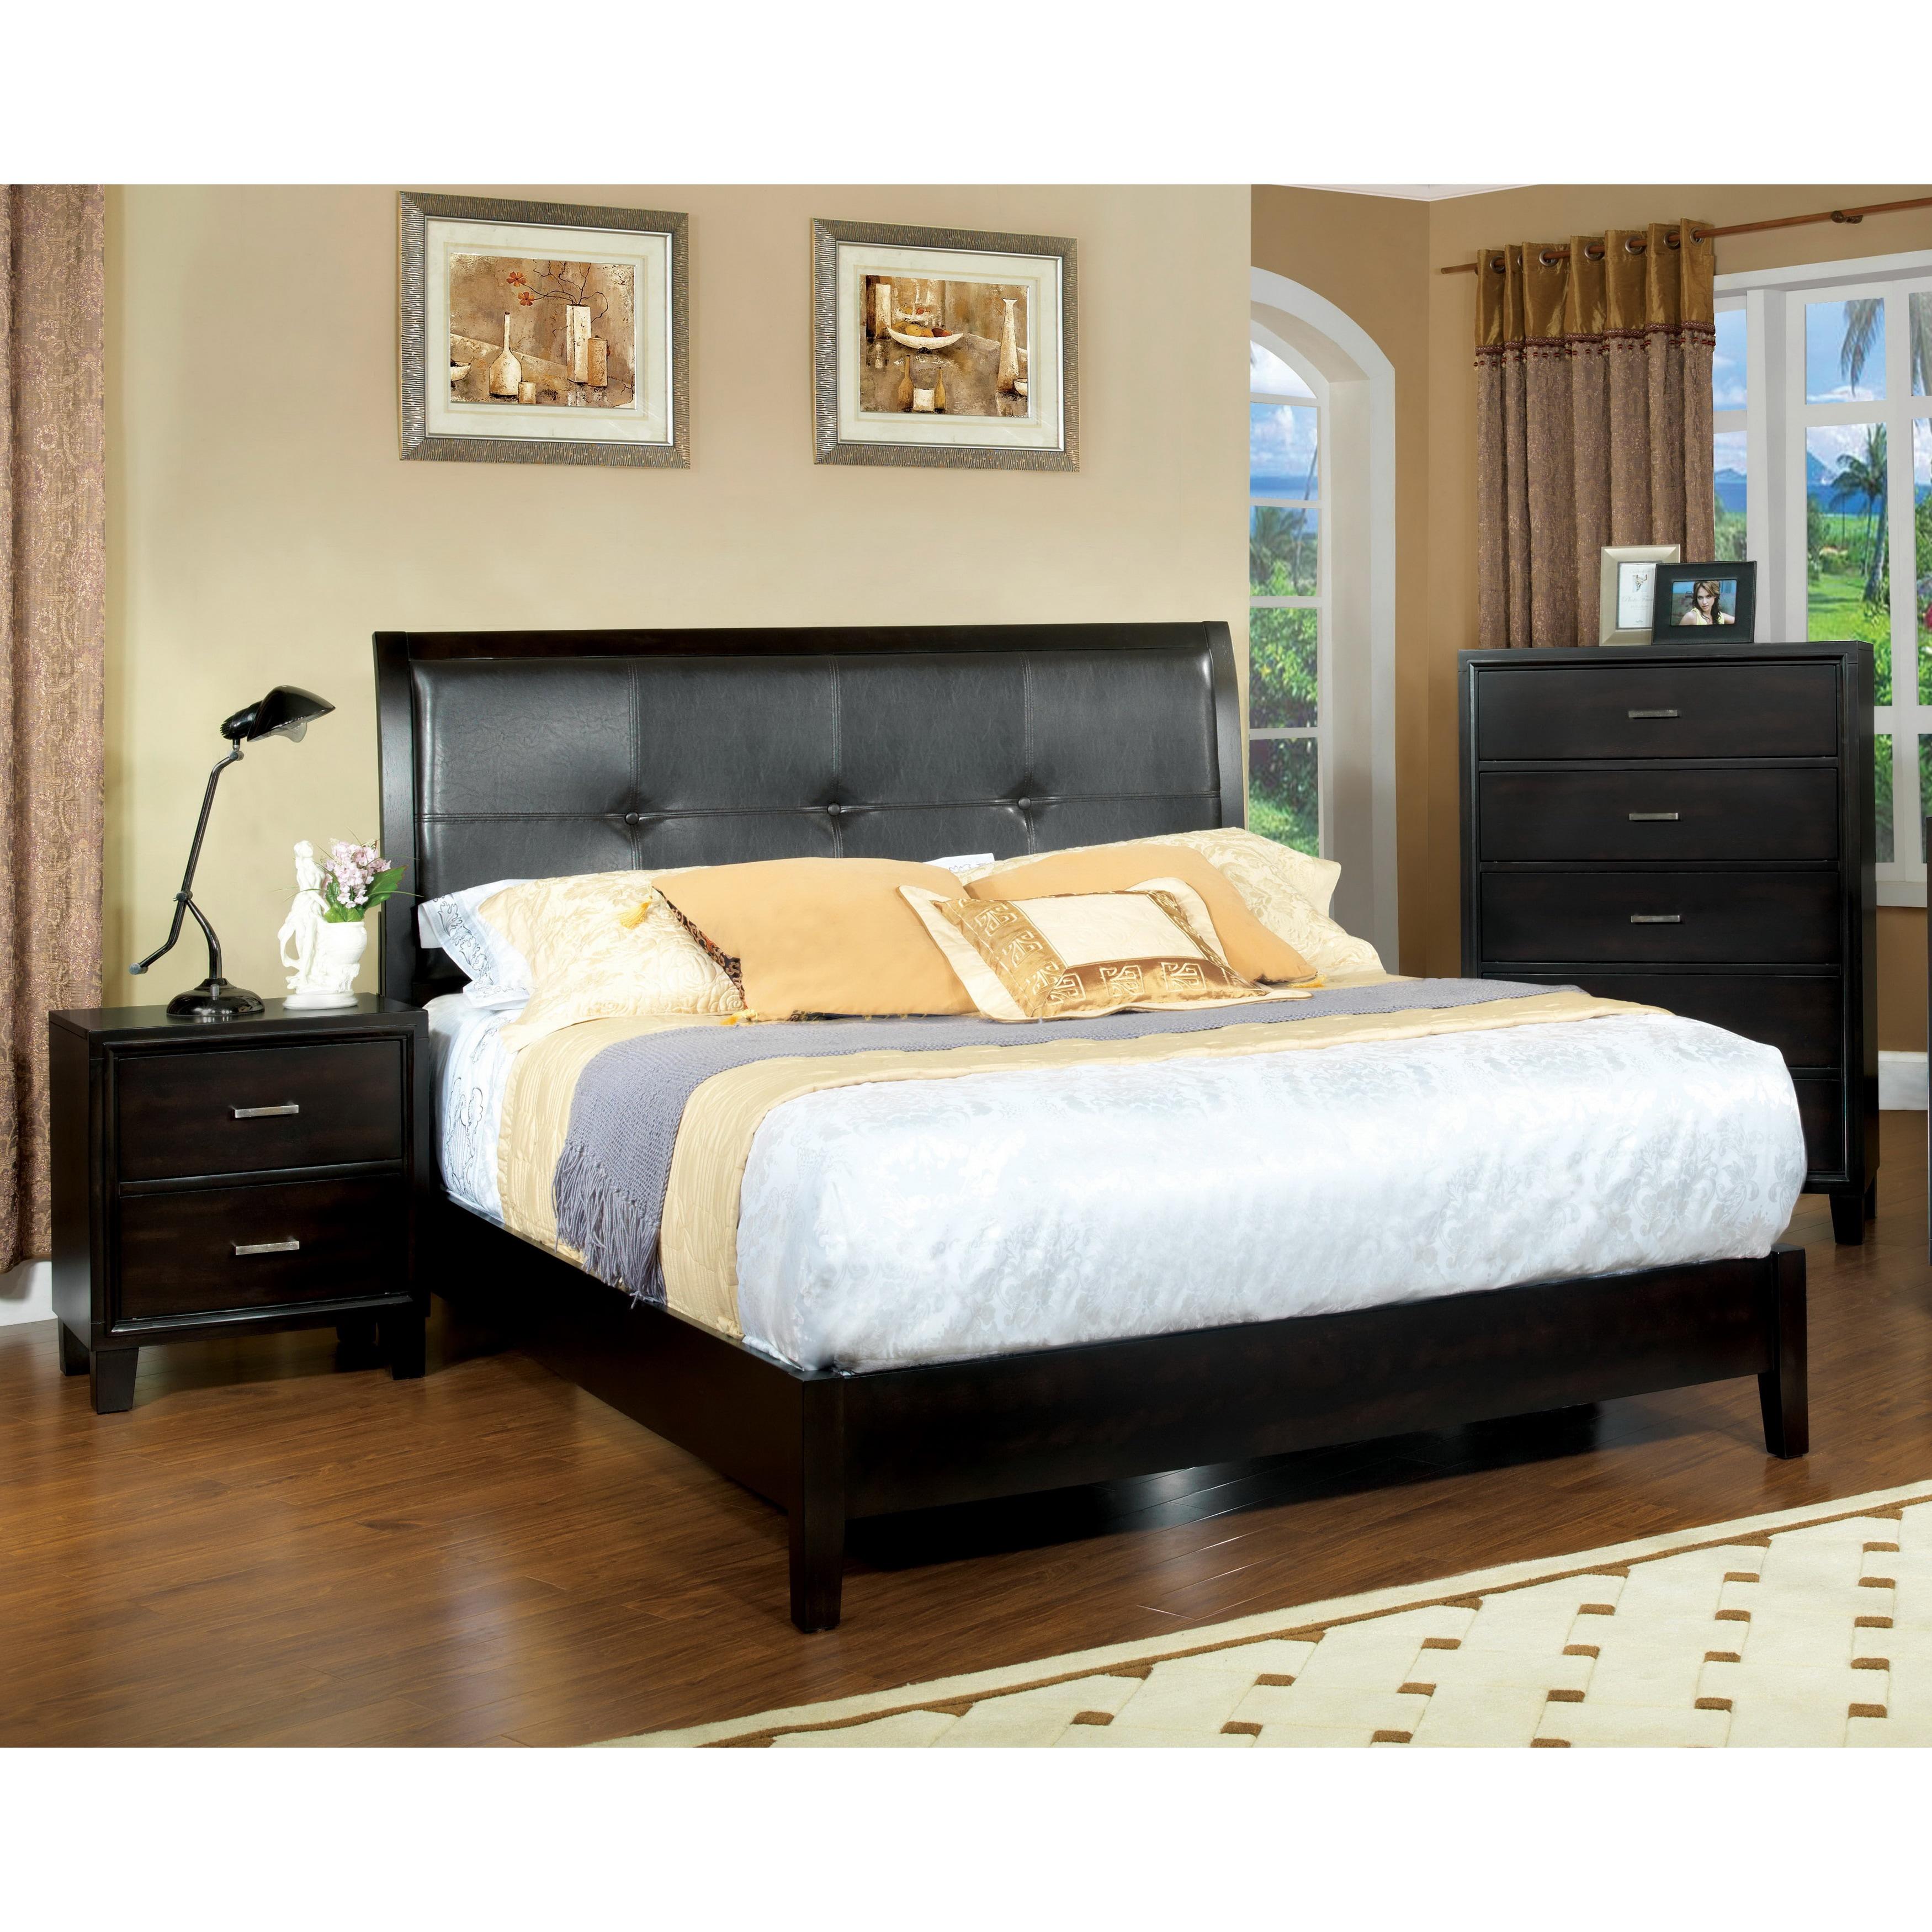 Chester Contemporary Queen Espresso 3-piece Bedroom Set